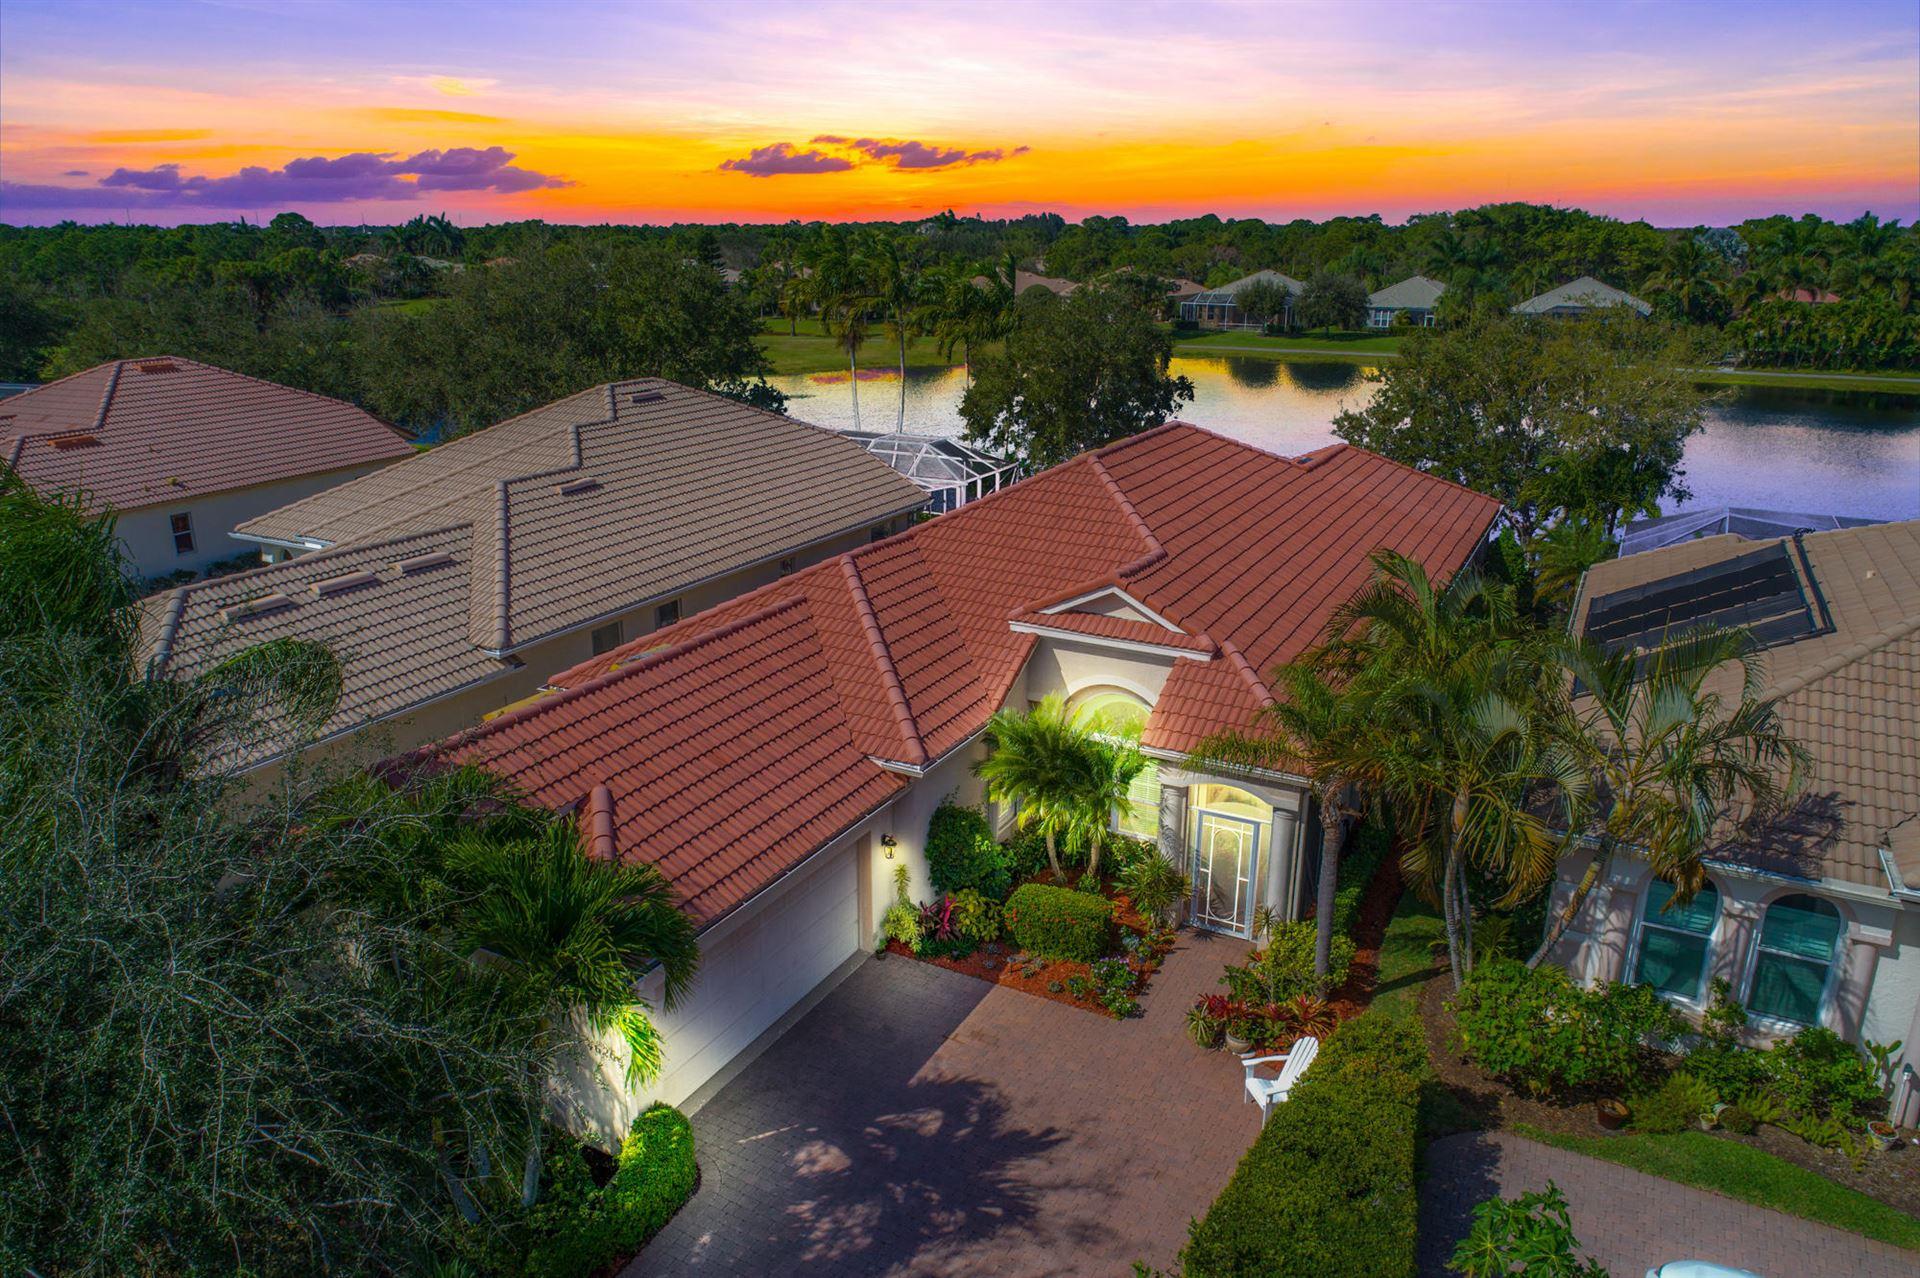 Photo of 4626 NW Wandering Oak Court, Jensen Beach, FL 34957 (MLS # RX-10673014)